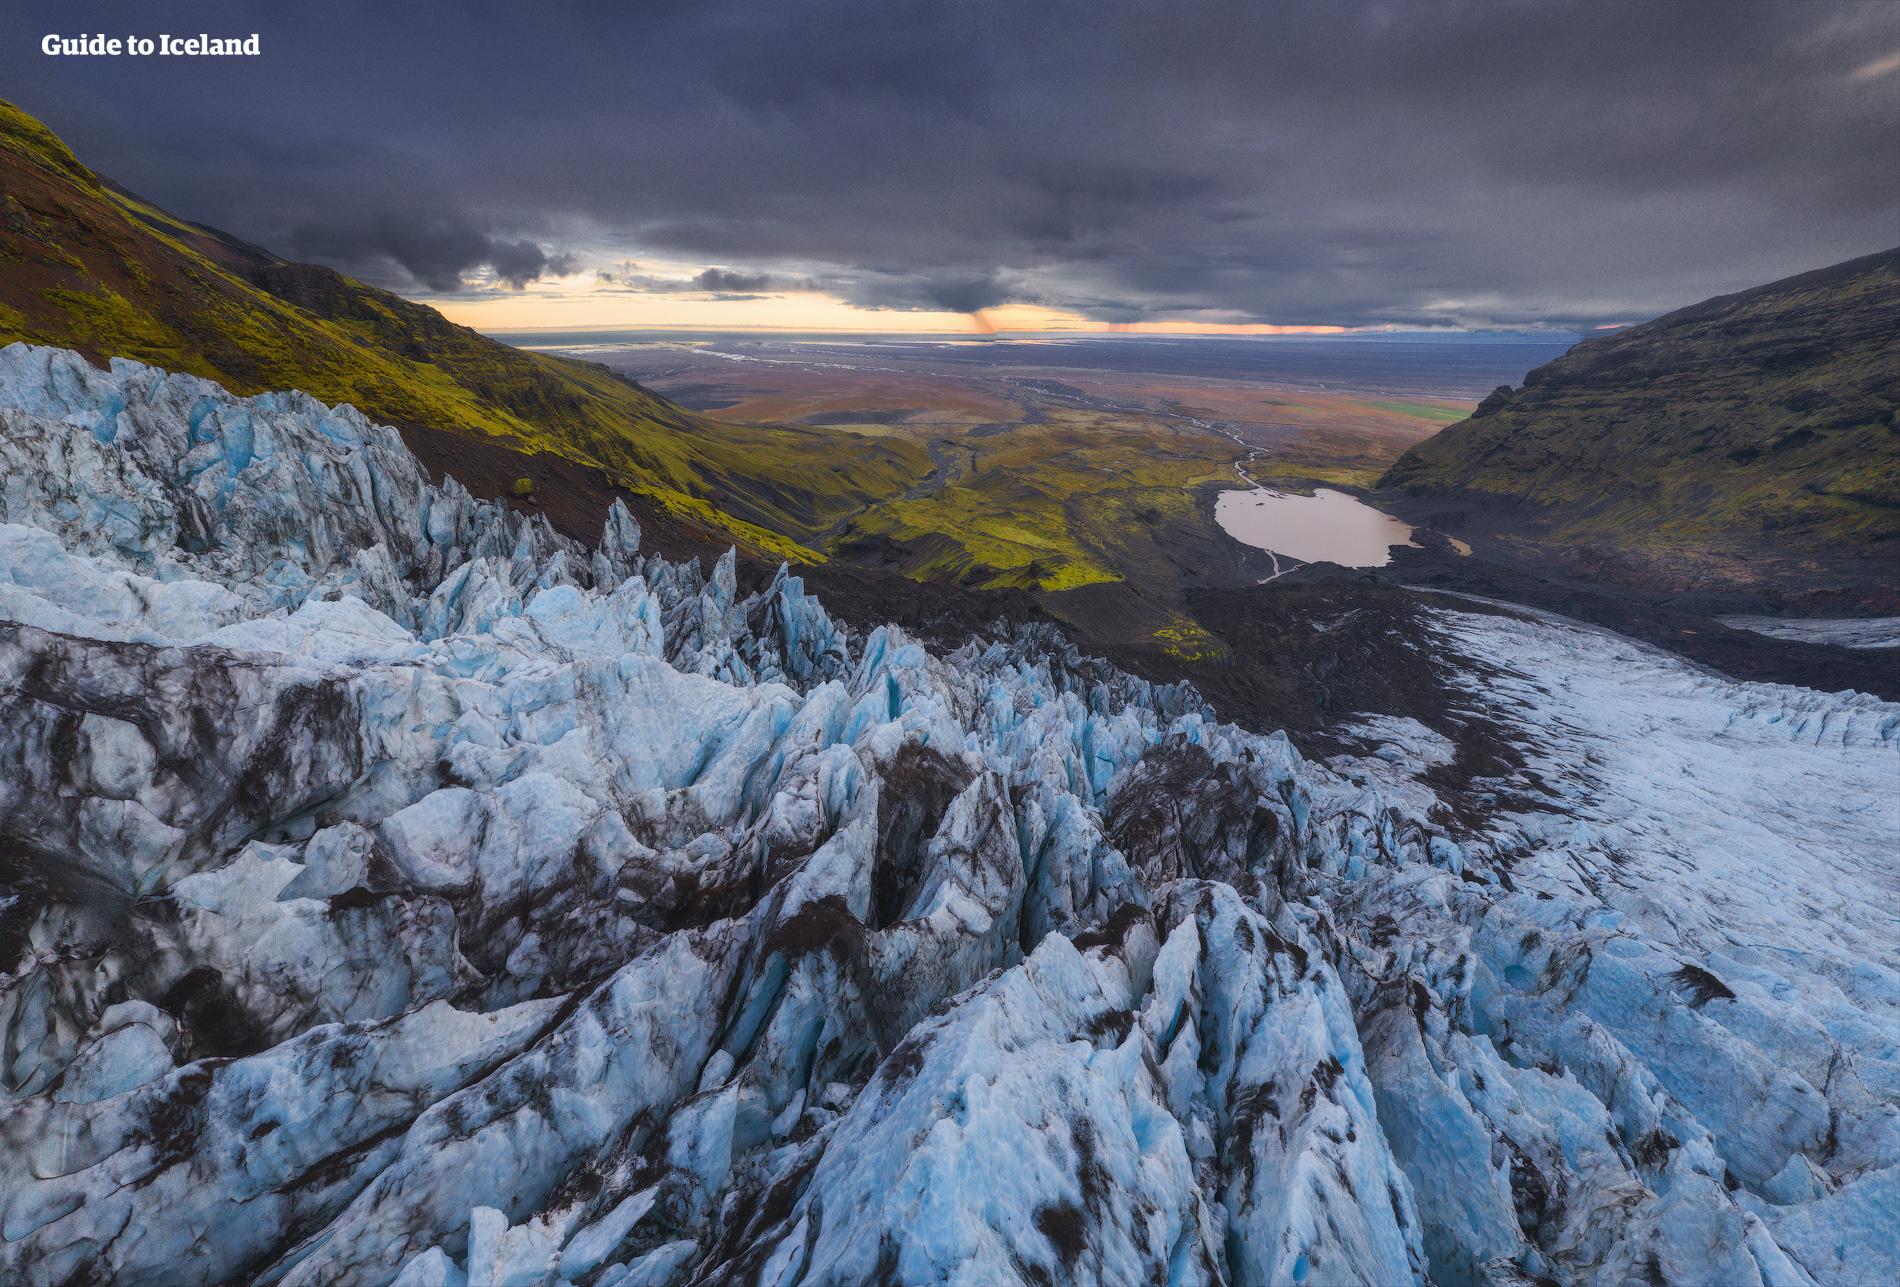 กิจกรรม & สถานที่ท่องเที่ยวในไอซ์แลนด์